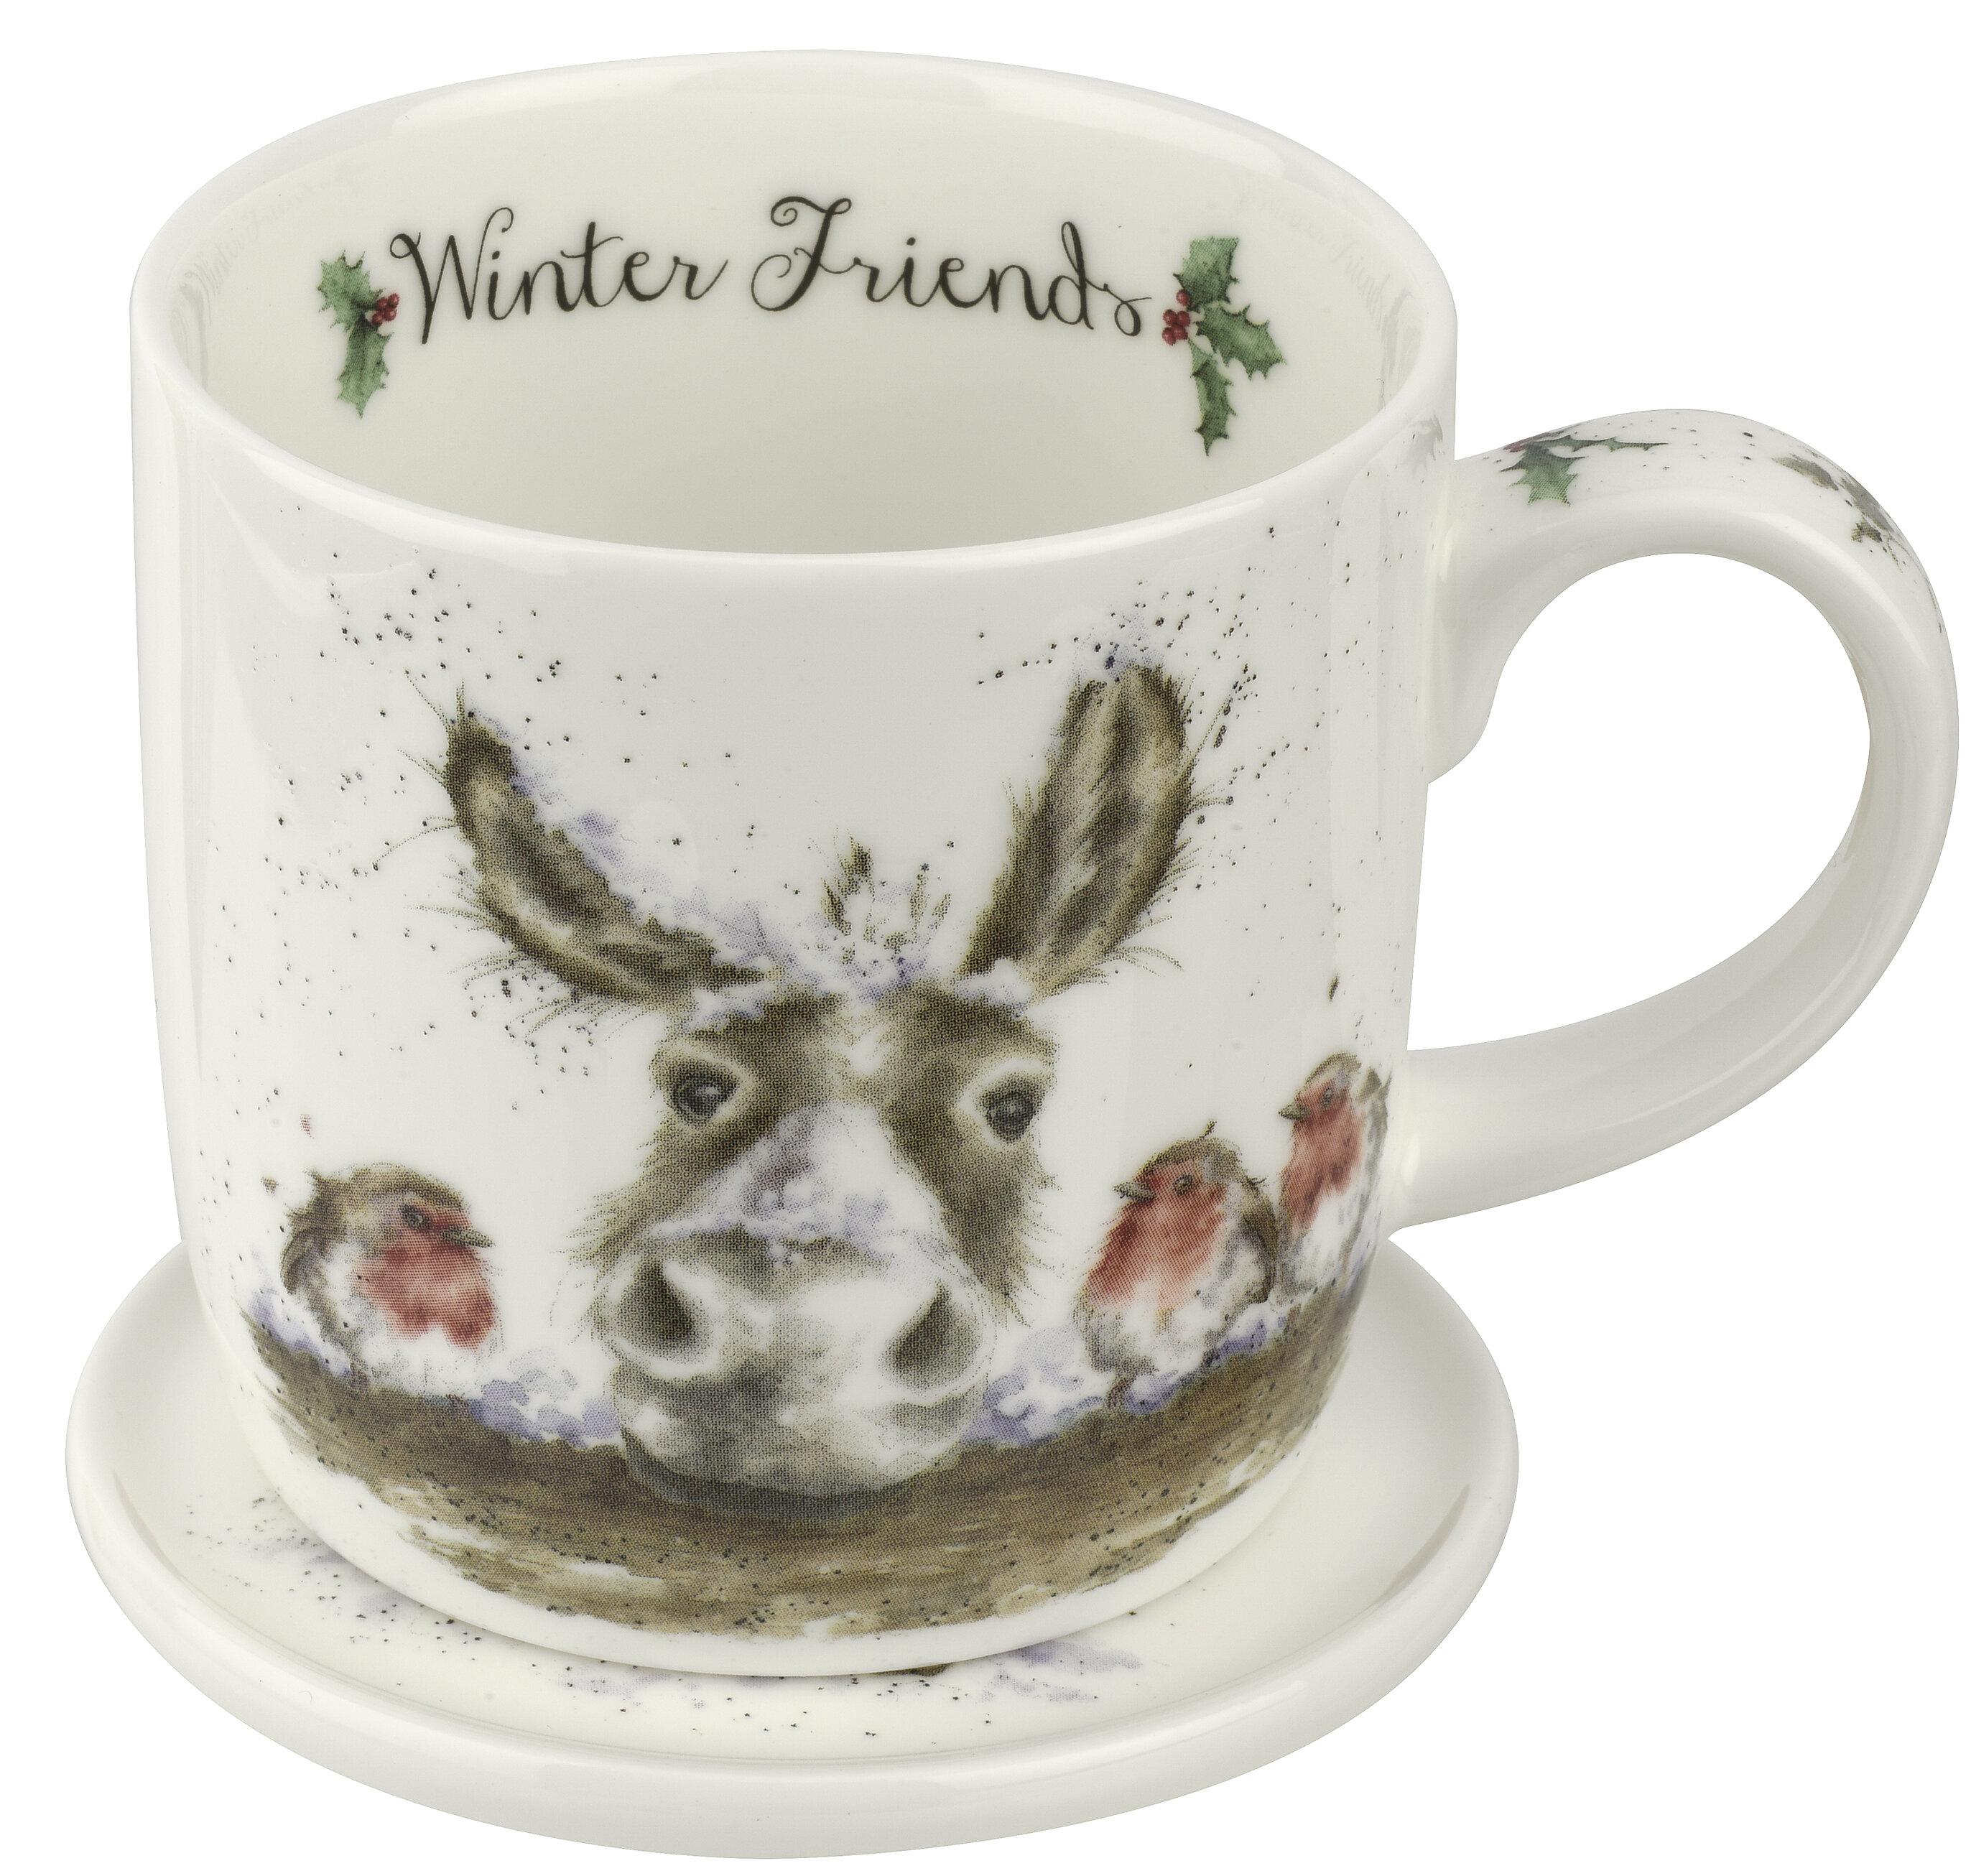 Wrendale Winter Friends Mug Saucer